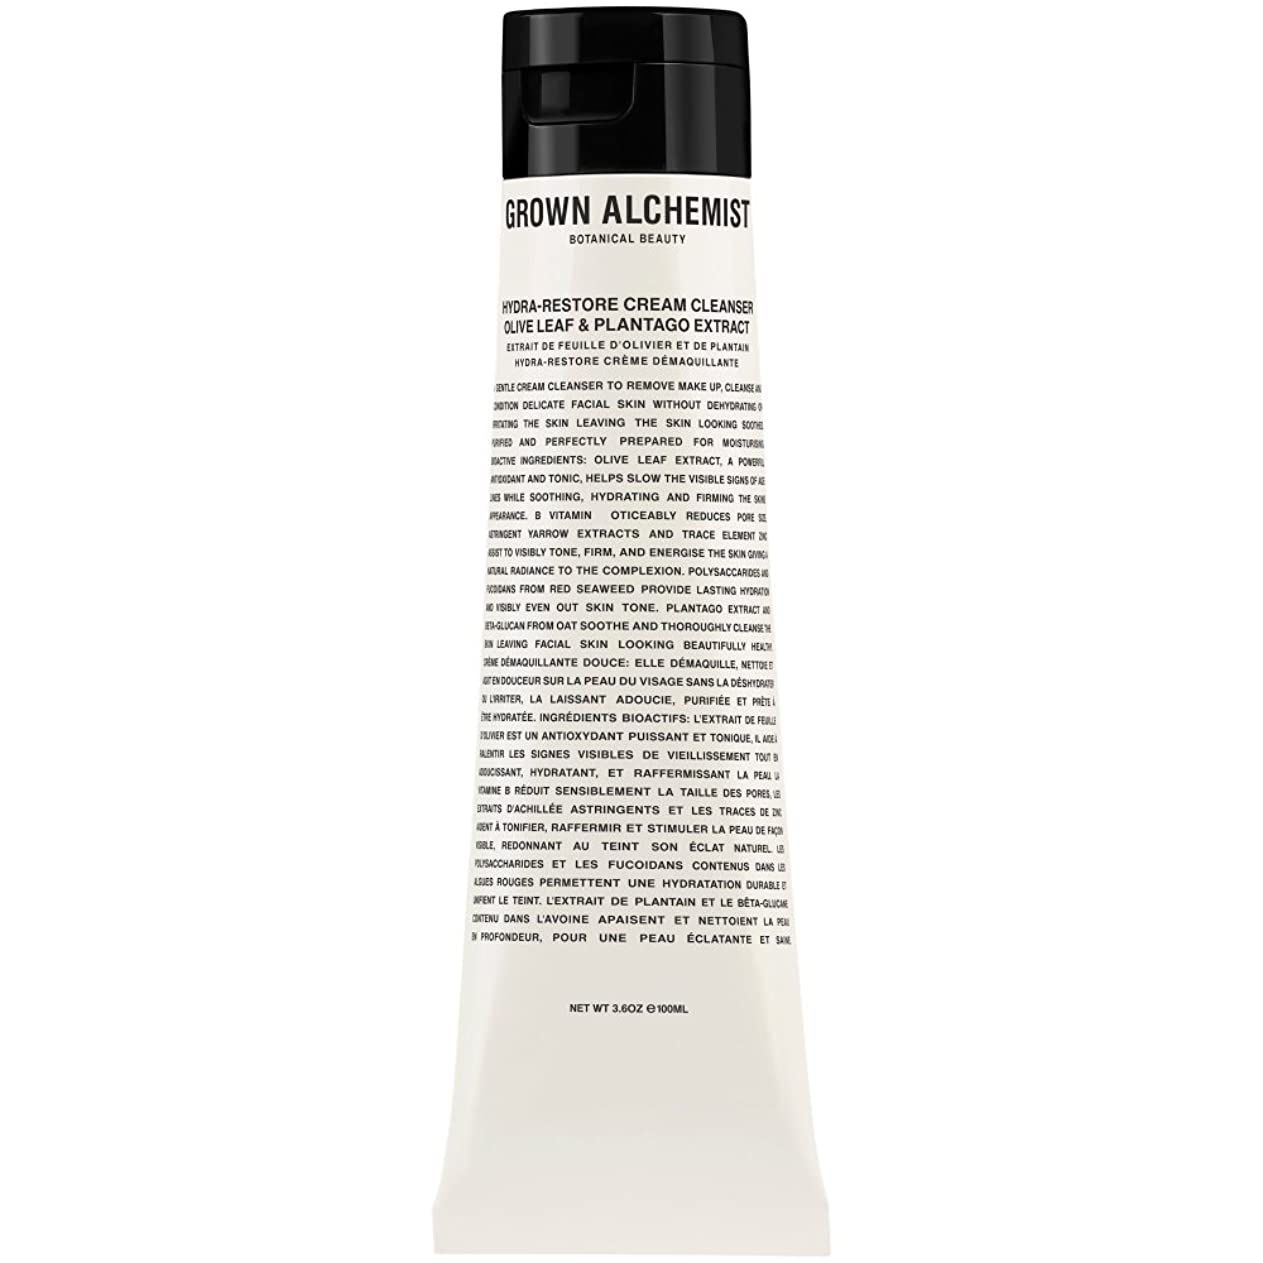 会話奴隷乏しいオリーブの葉&Plantogoエキス、100ミリリットル:成長した錬金術師クリームクレンザーをヒドラ復元 (Grown Alchemist) (x2) - Grown Alchemist Hydra-Restore Cream Cleanser: Olive Leaf & Plantogo Extract, 100ml (Pack of 2) [並行輸入品]